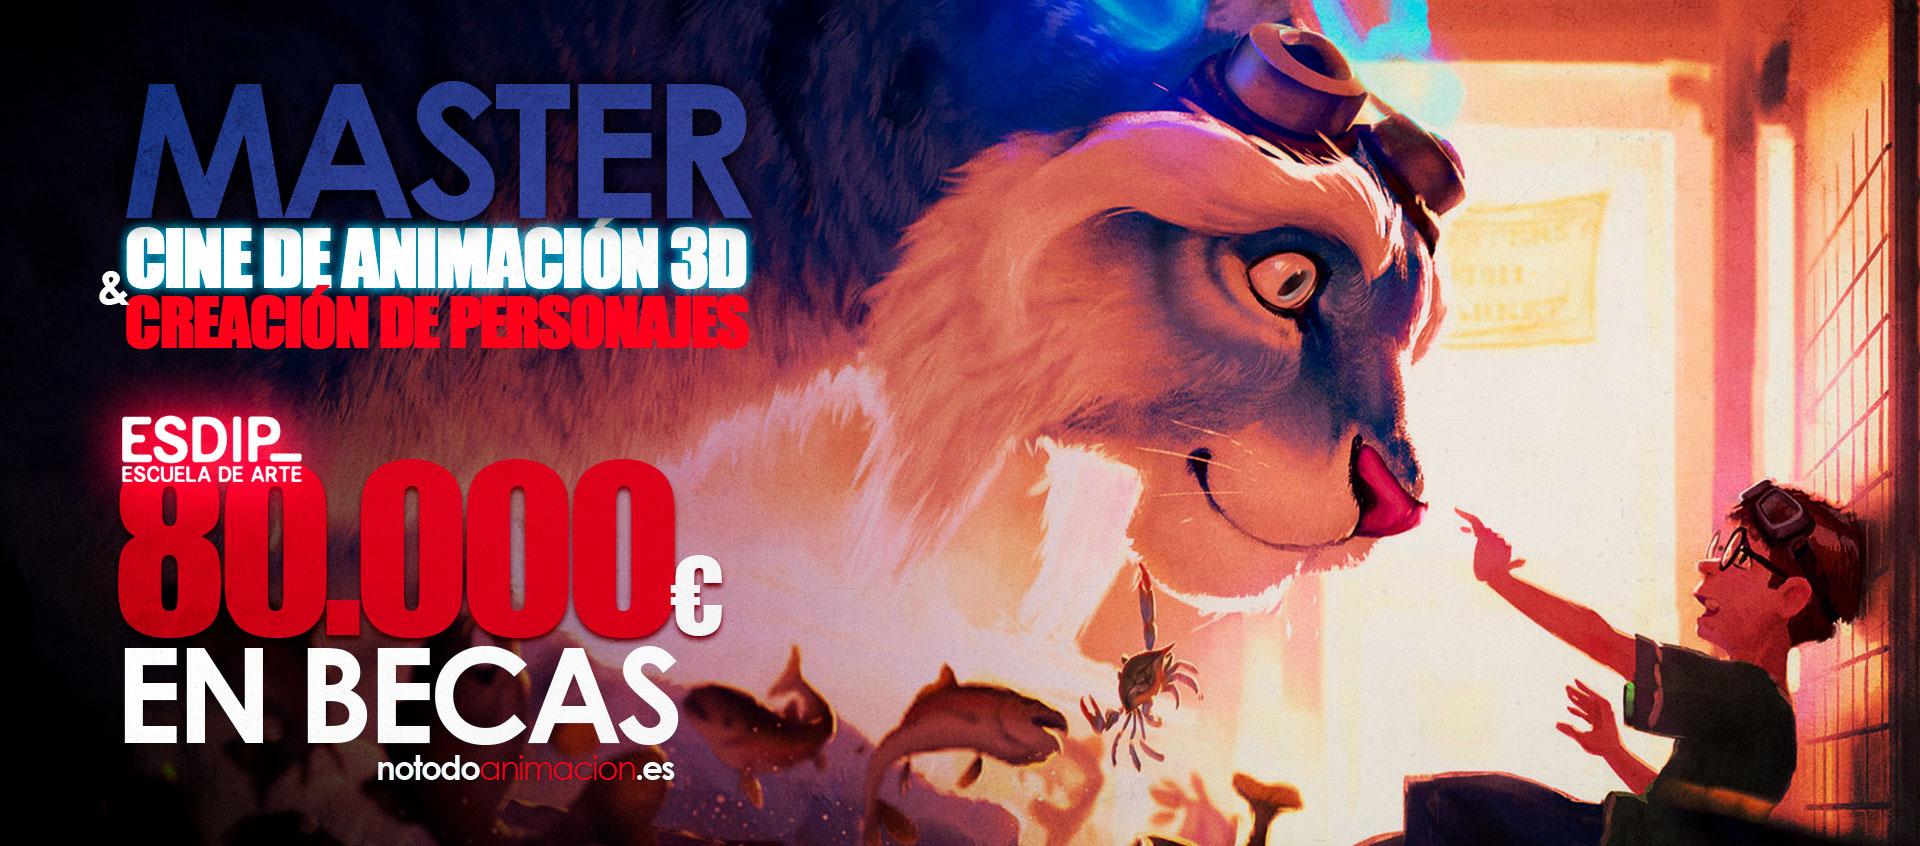 Curso de Animación 3D y Creación de personajes